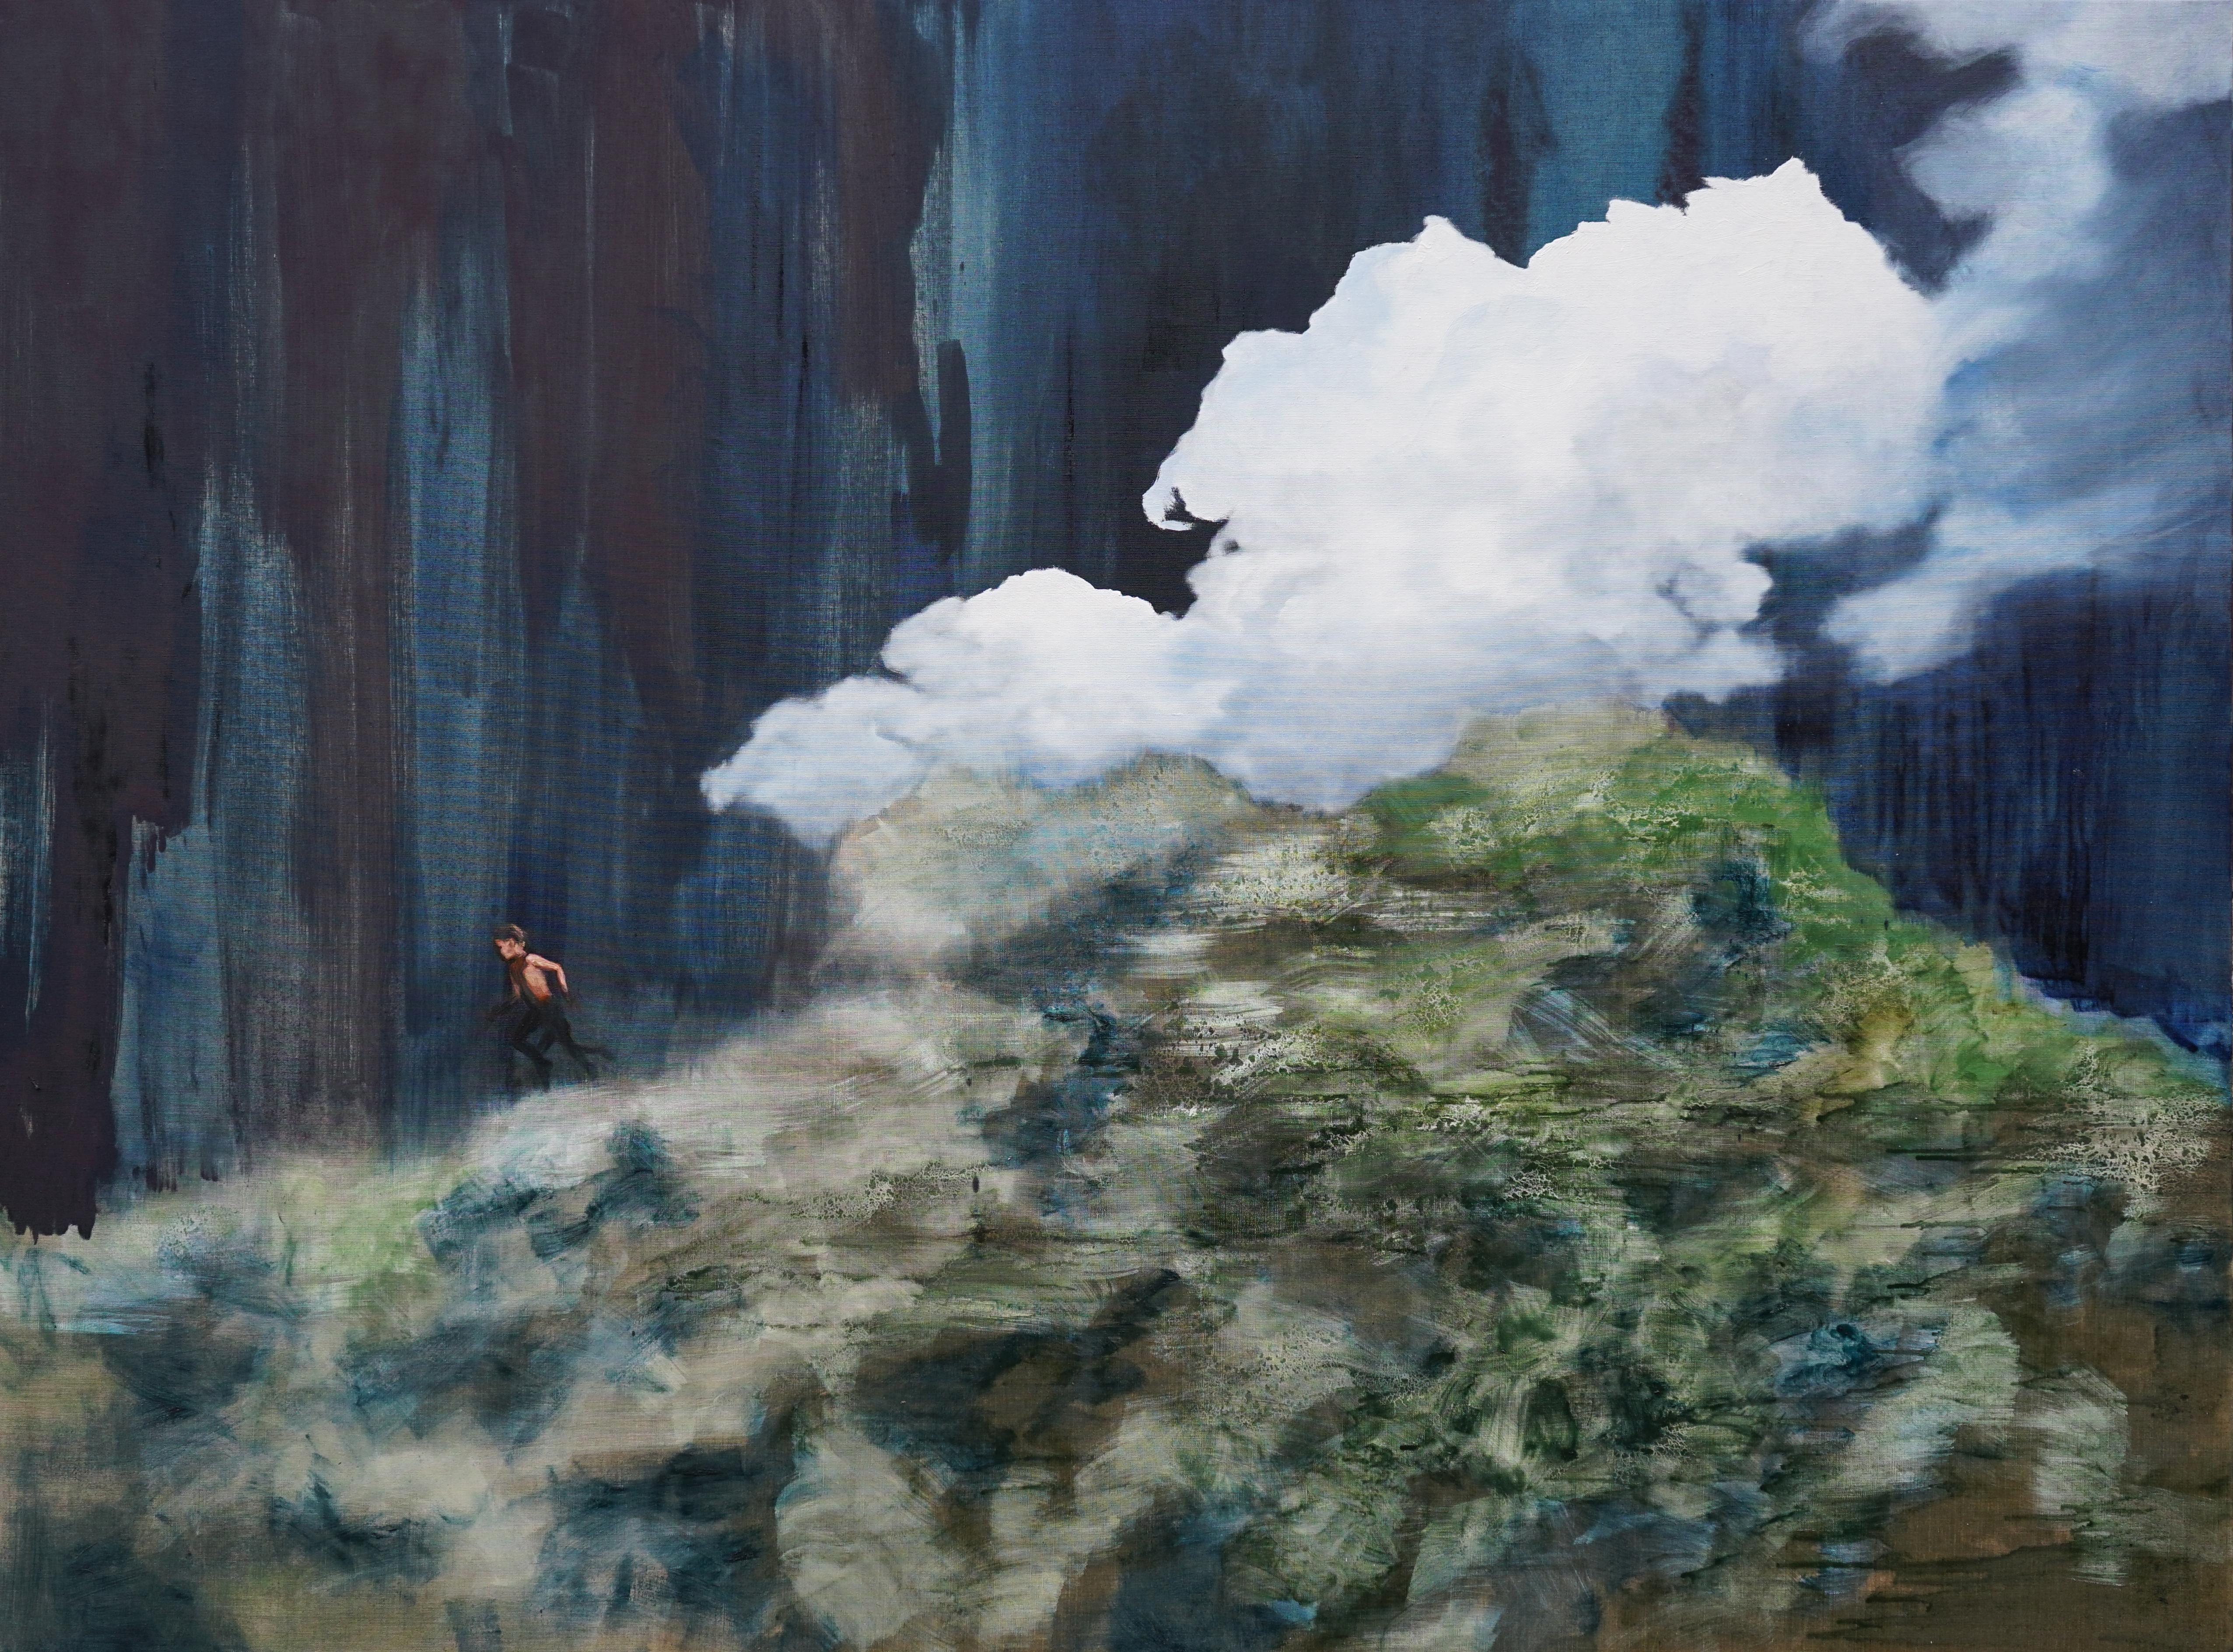 Escape - Large Format Contemporary Nature Oil Painting, Landscape, Mountains